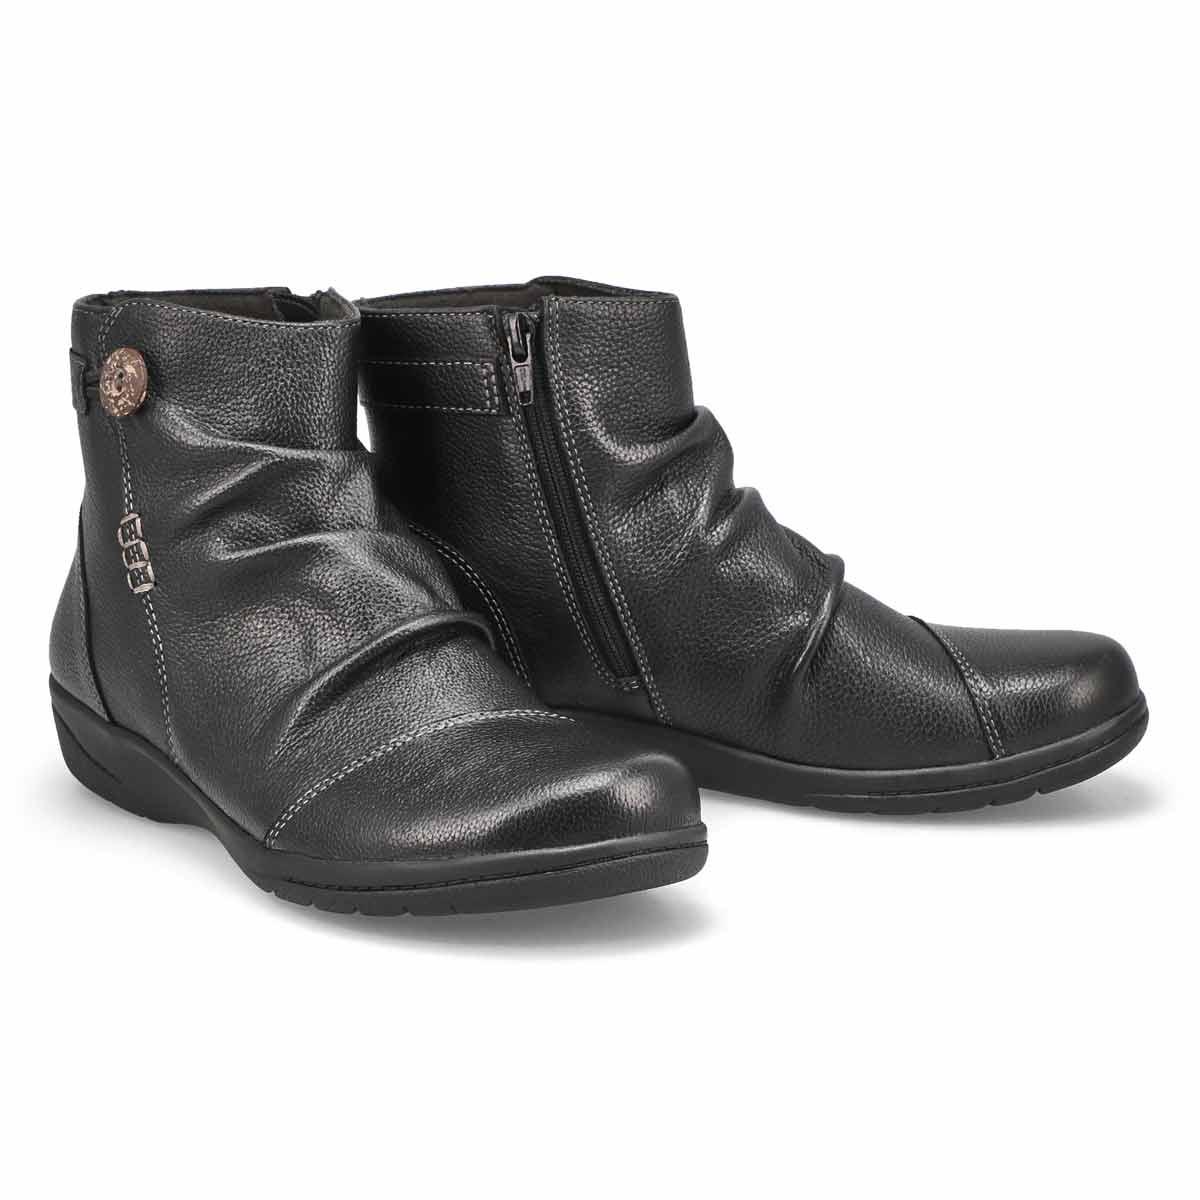 Women's Cheyn Zoe Ankle Boot - Black